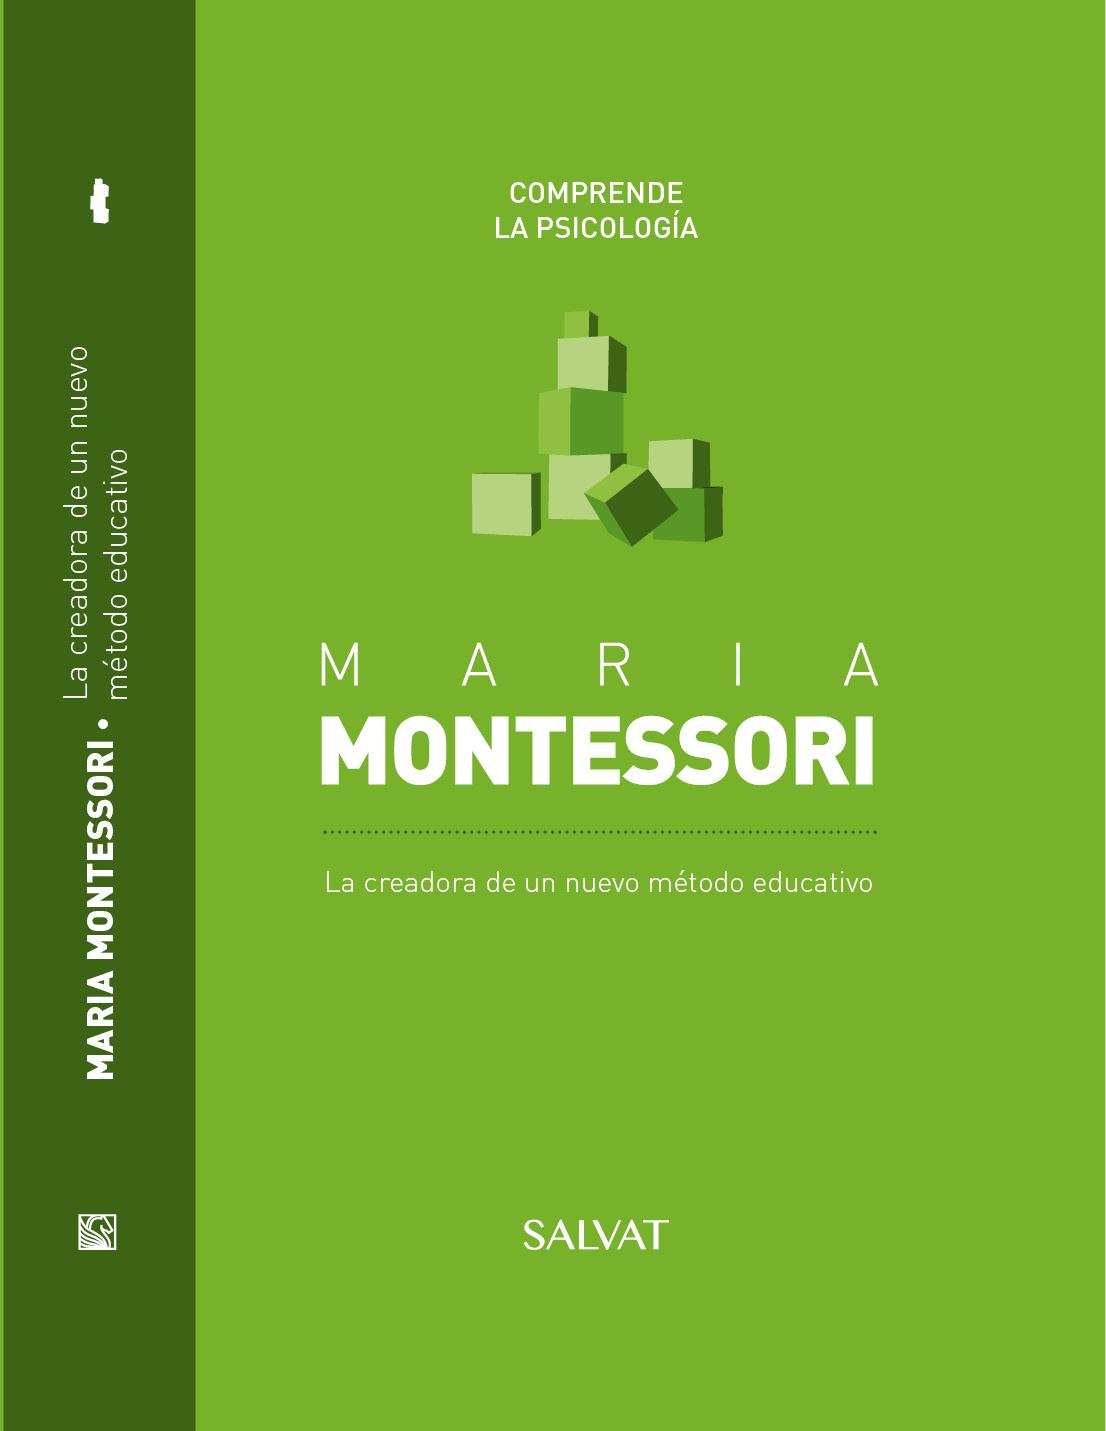 Maria Montessori - La creadora de un nuevo Método Educativo